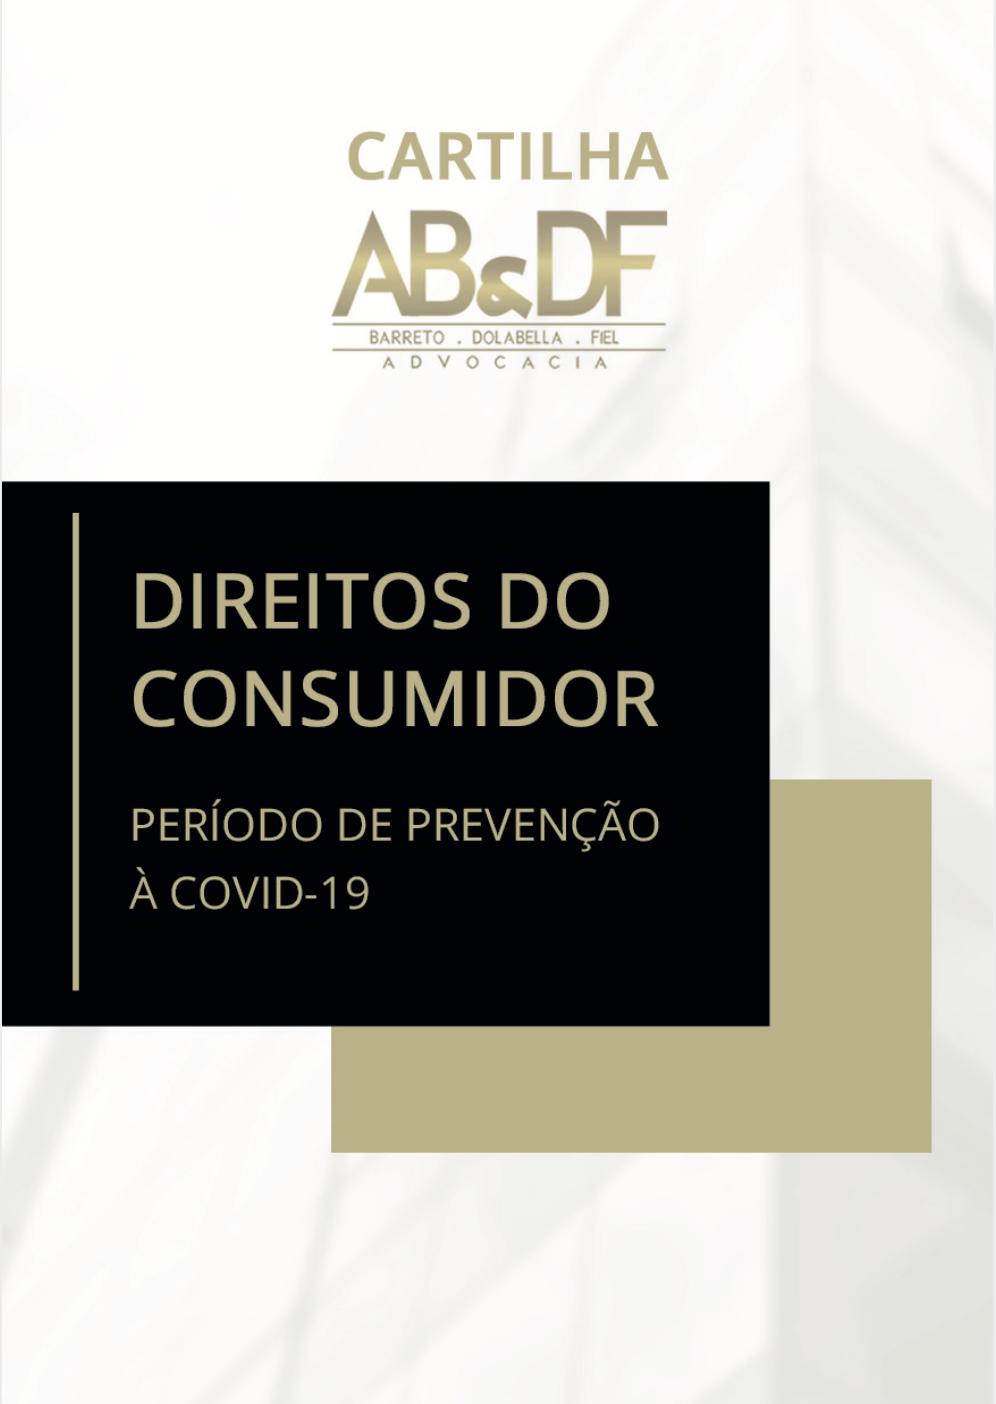 Cartilha: Direitos do Consumidor – Período de Prevenção à COVID-19